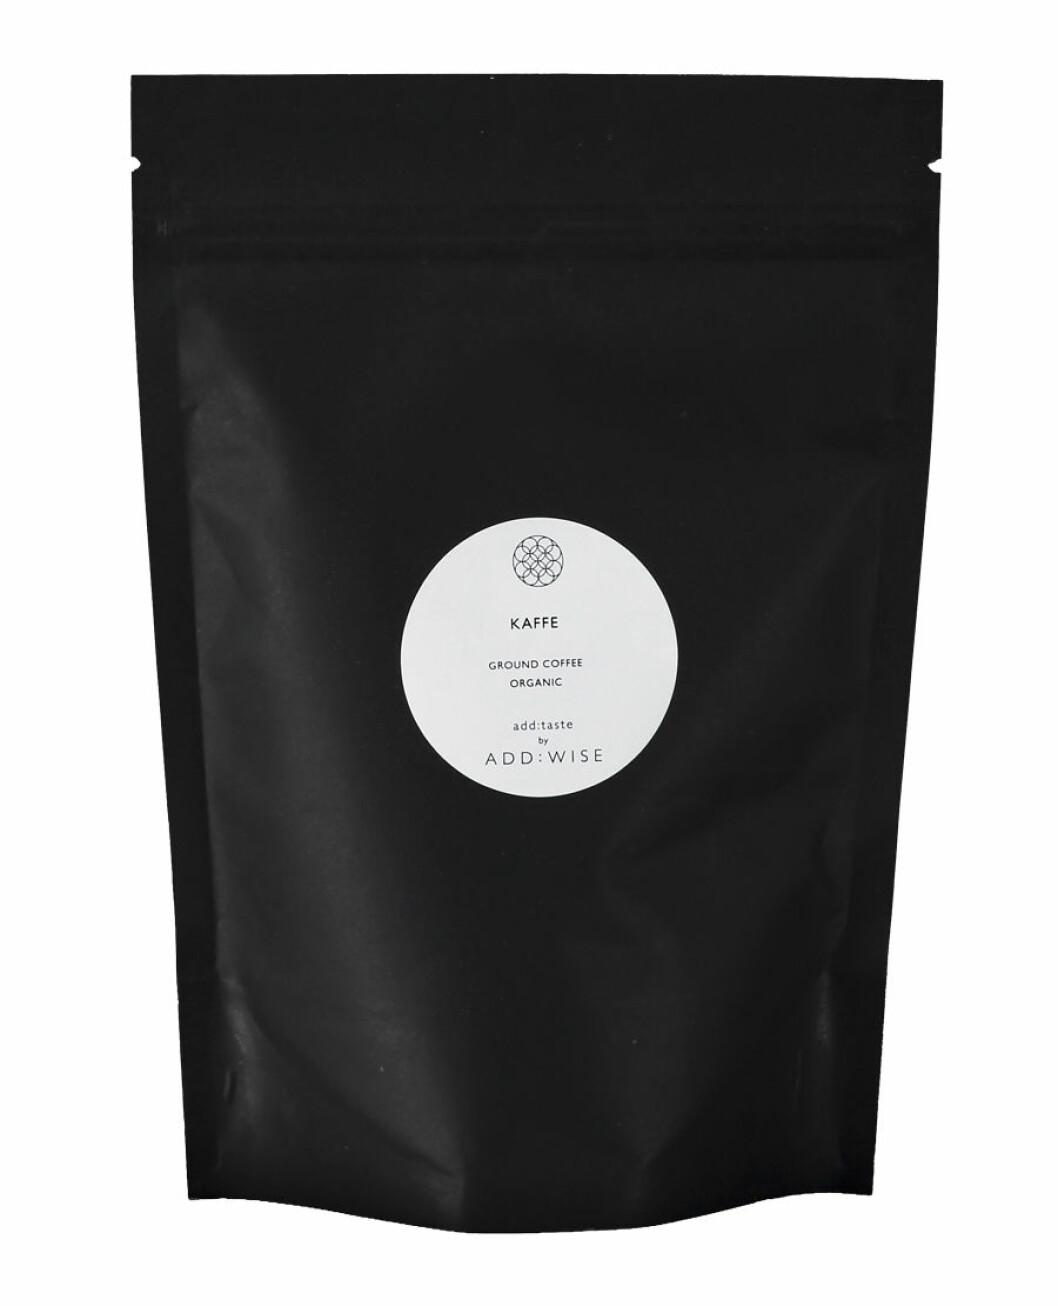 Kaffe i svart förpackning